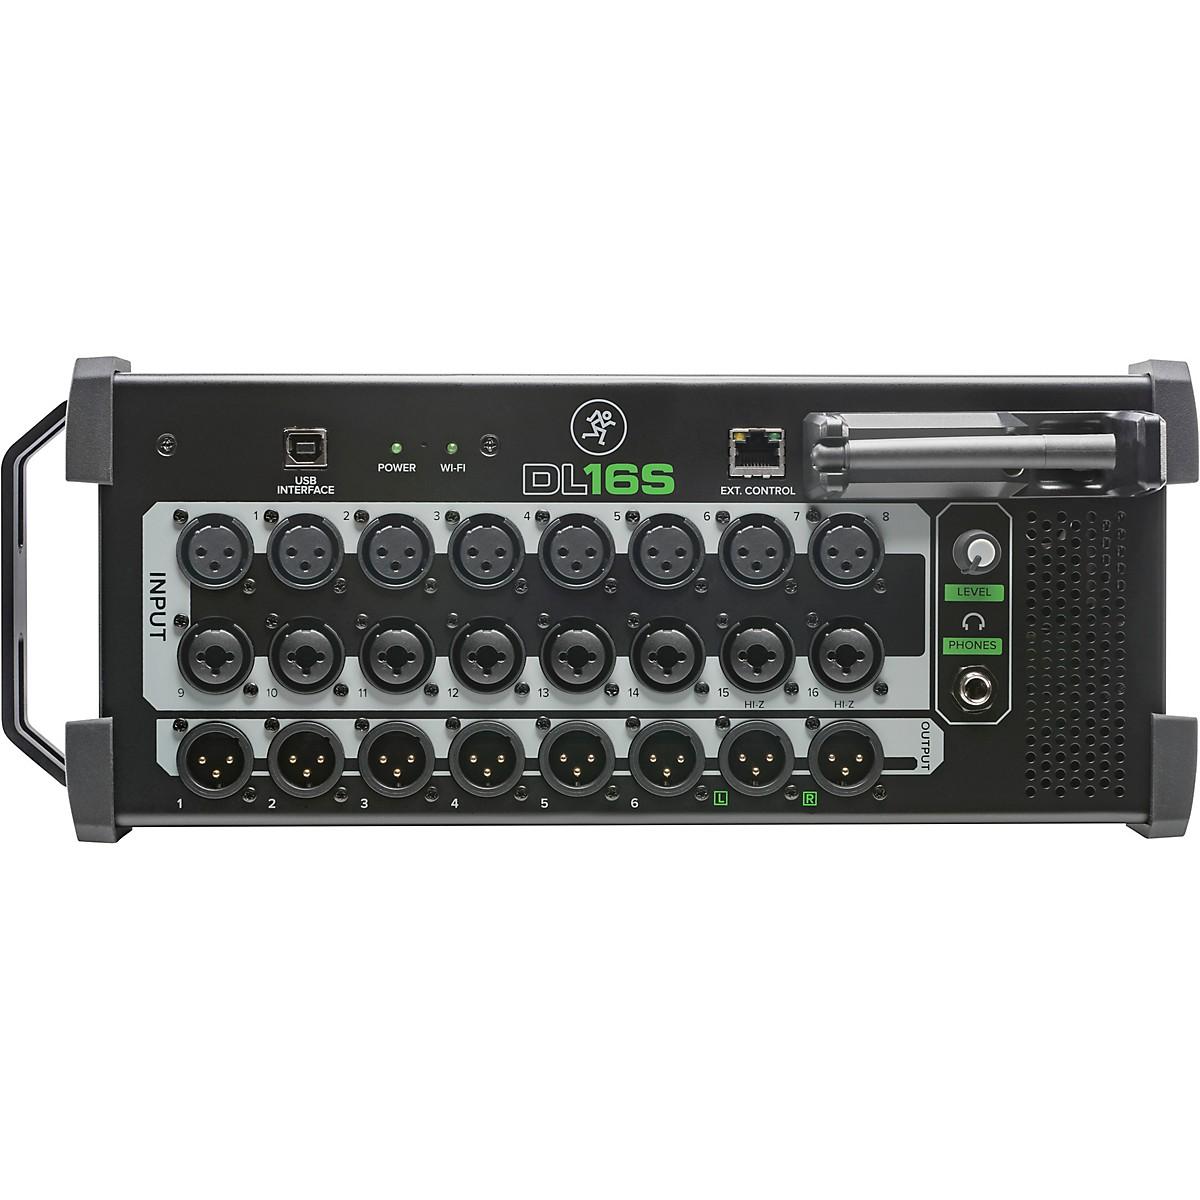 Mackie DL16S 16-Channel Wireless Digital Mixer with WiFi